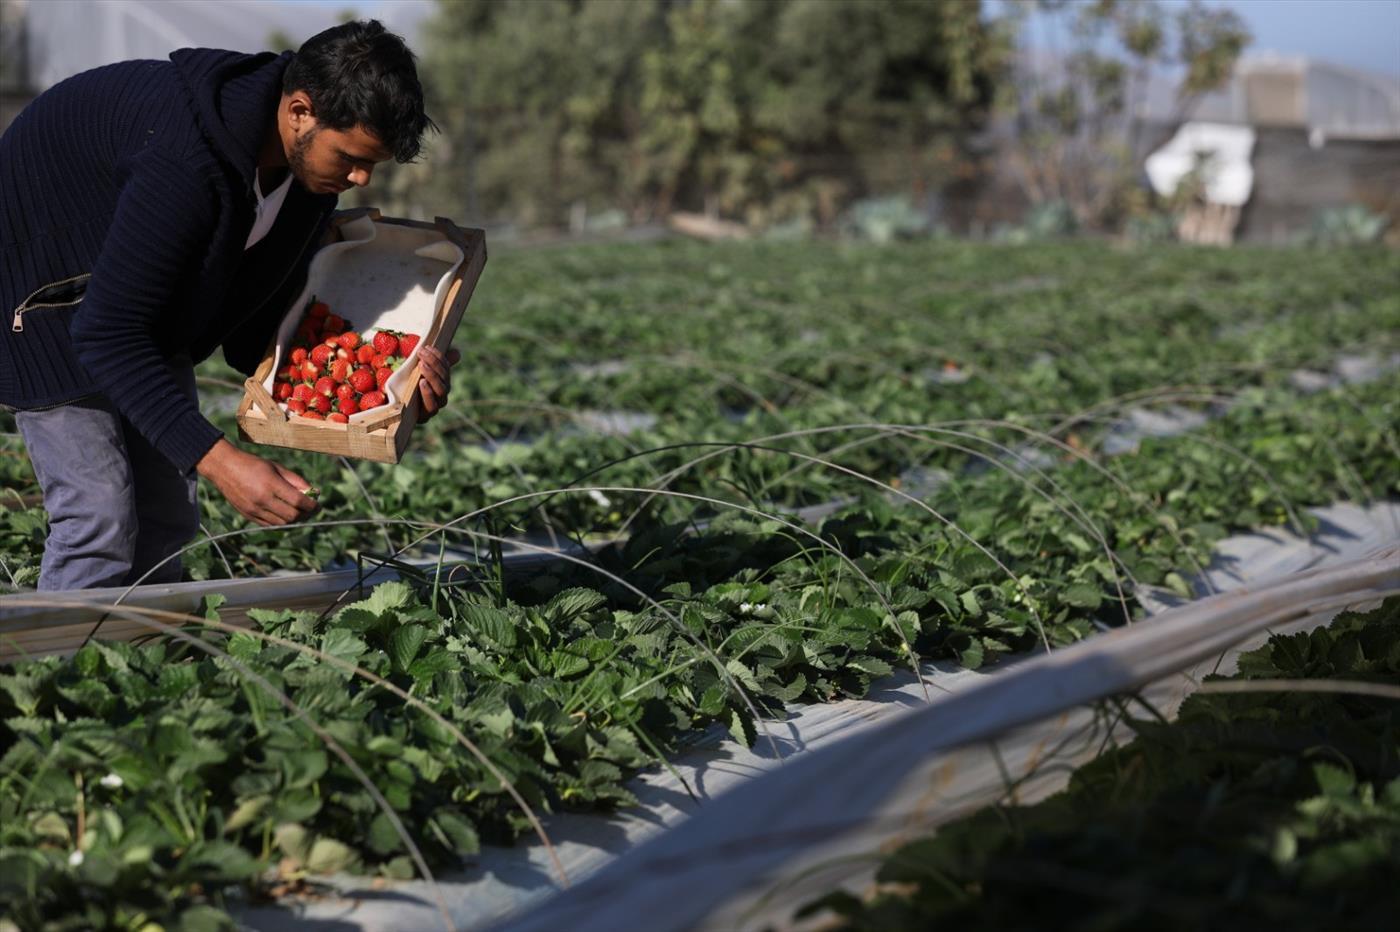 גידול תותים ברצועת עזה (מג'די פתחי, tps)